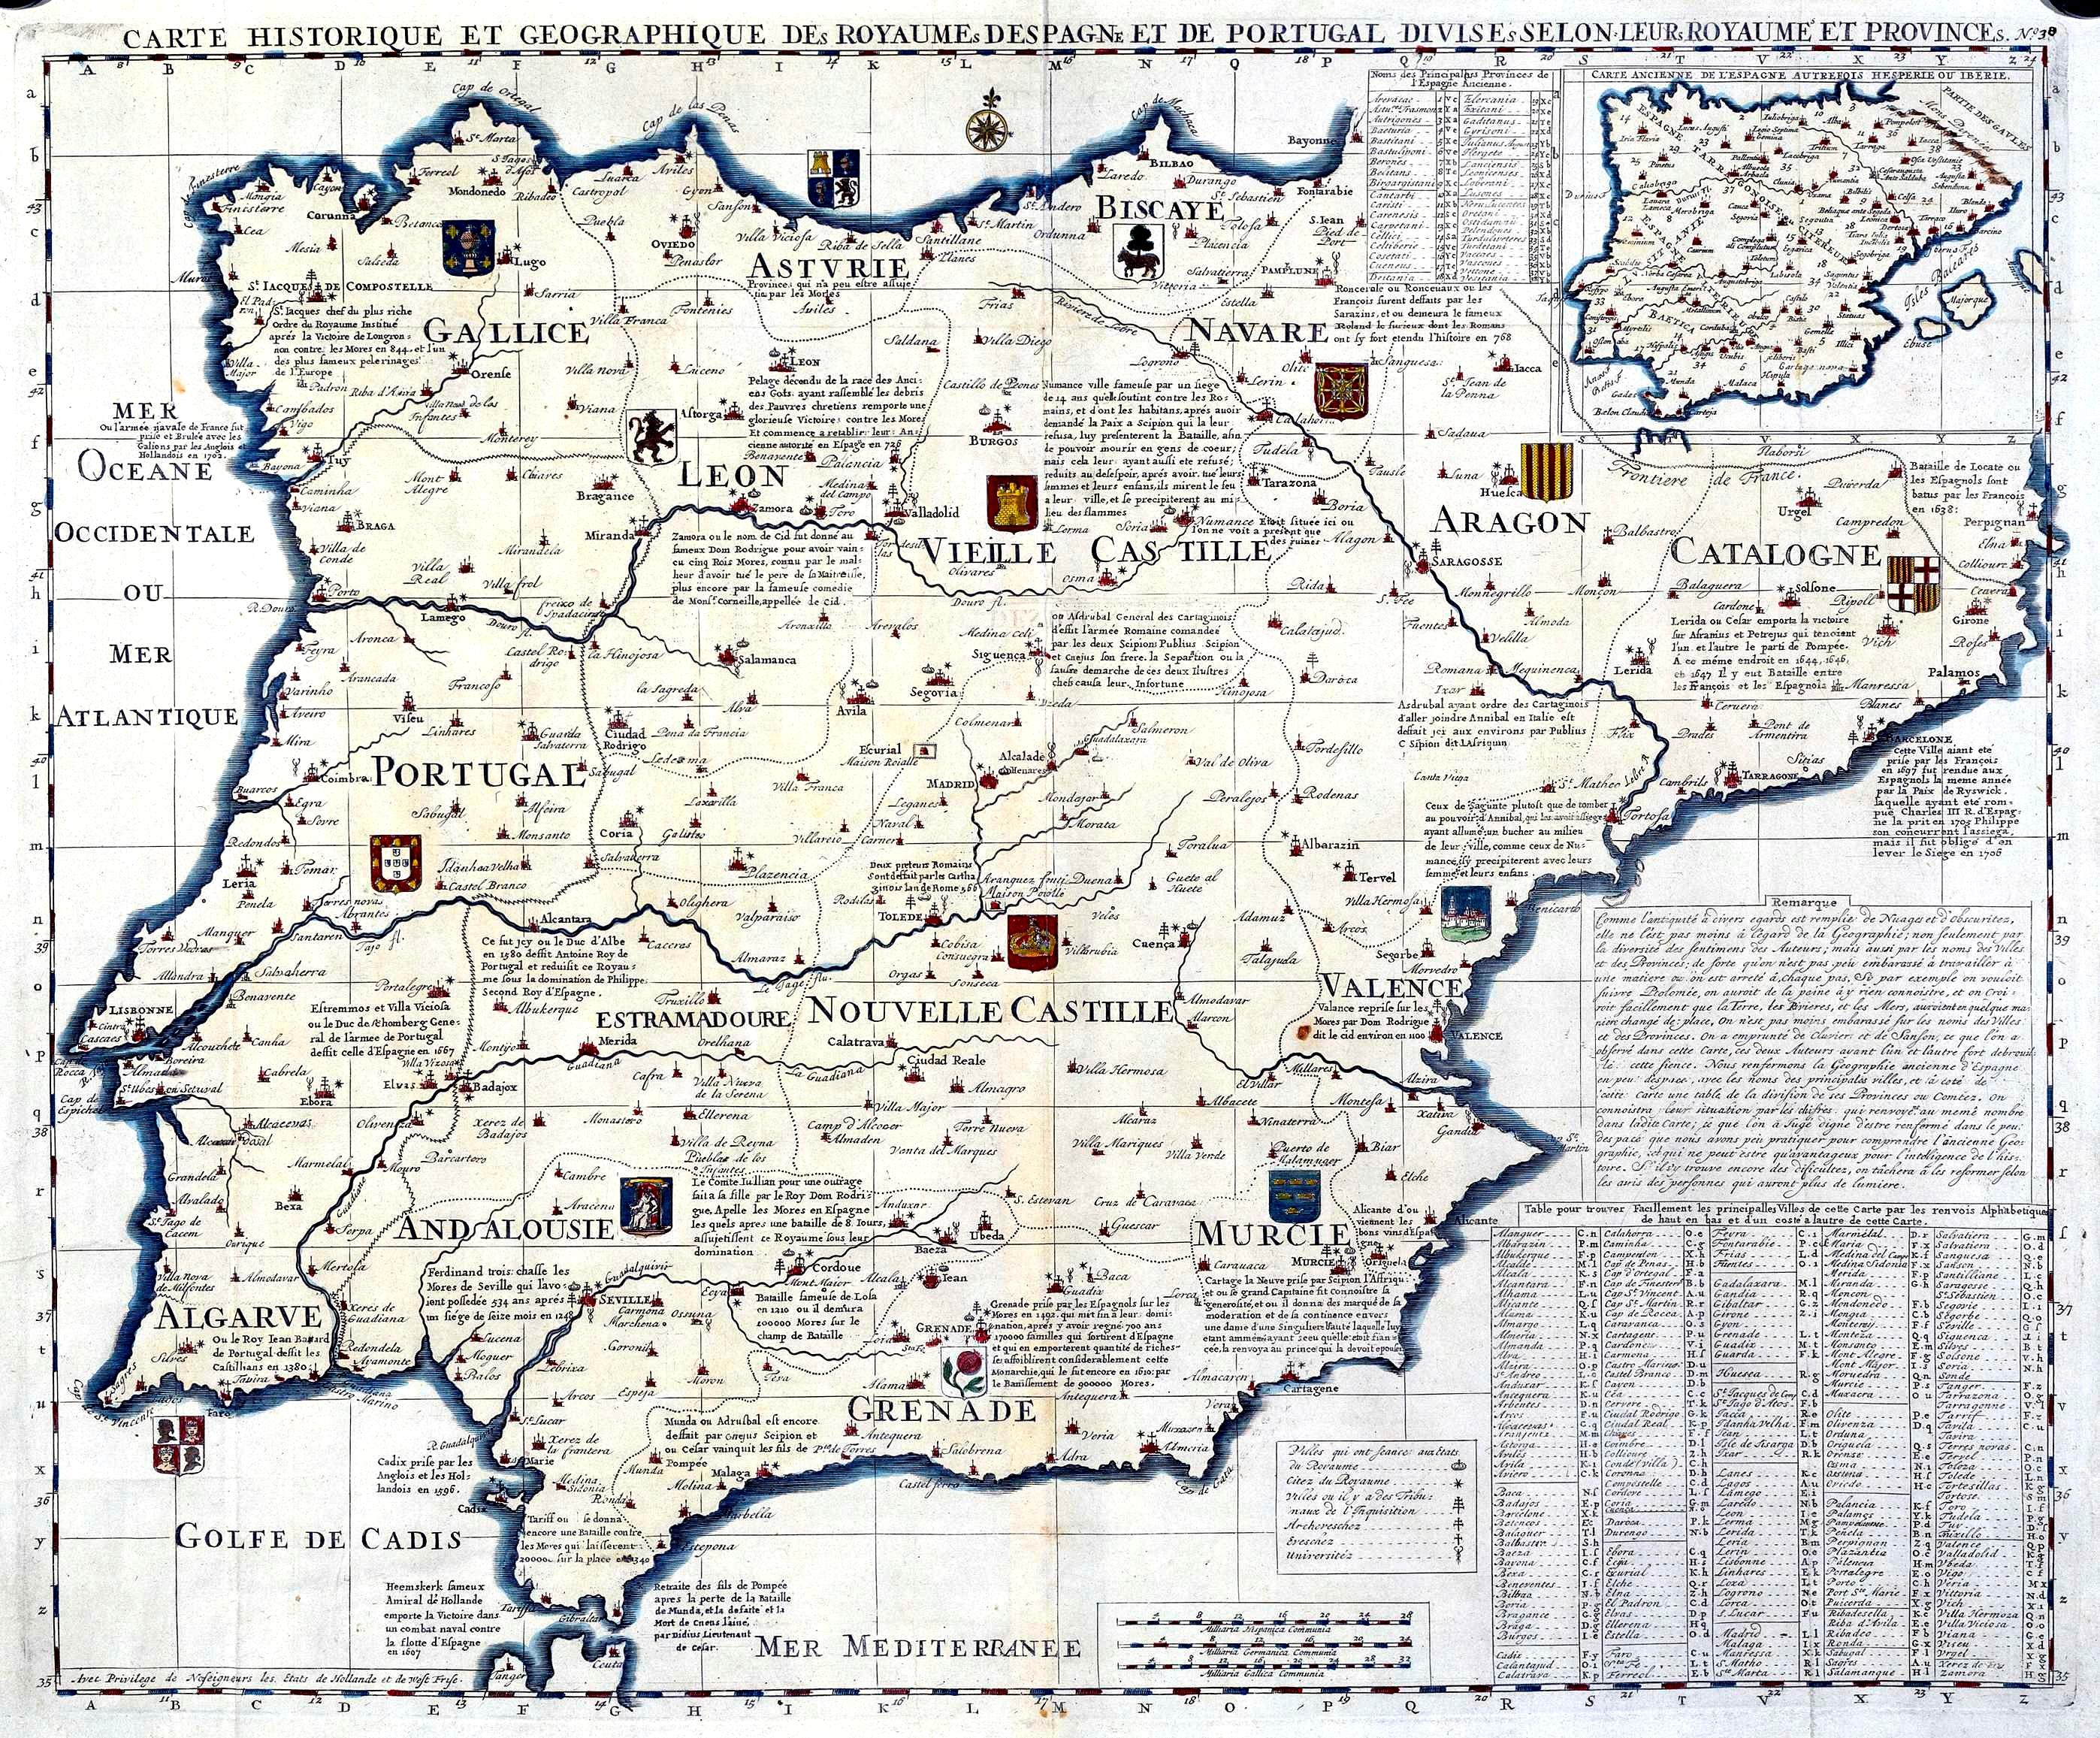 Carte_historique_des_Royaumes_d'Espagne_et_Portugal